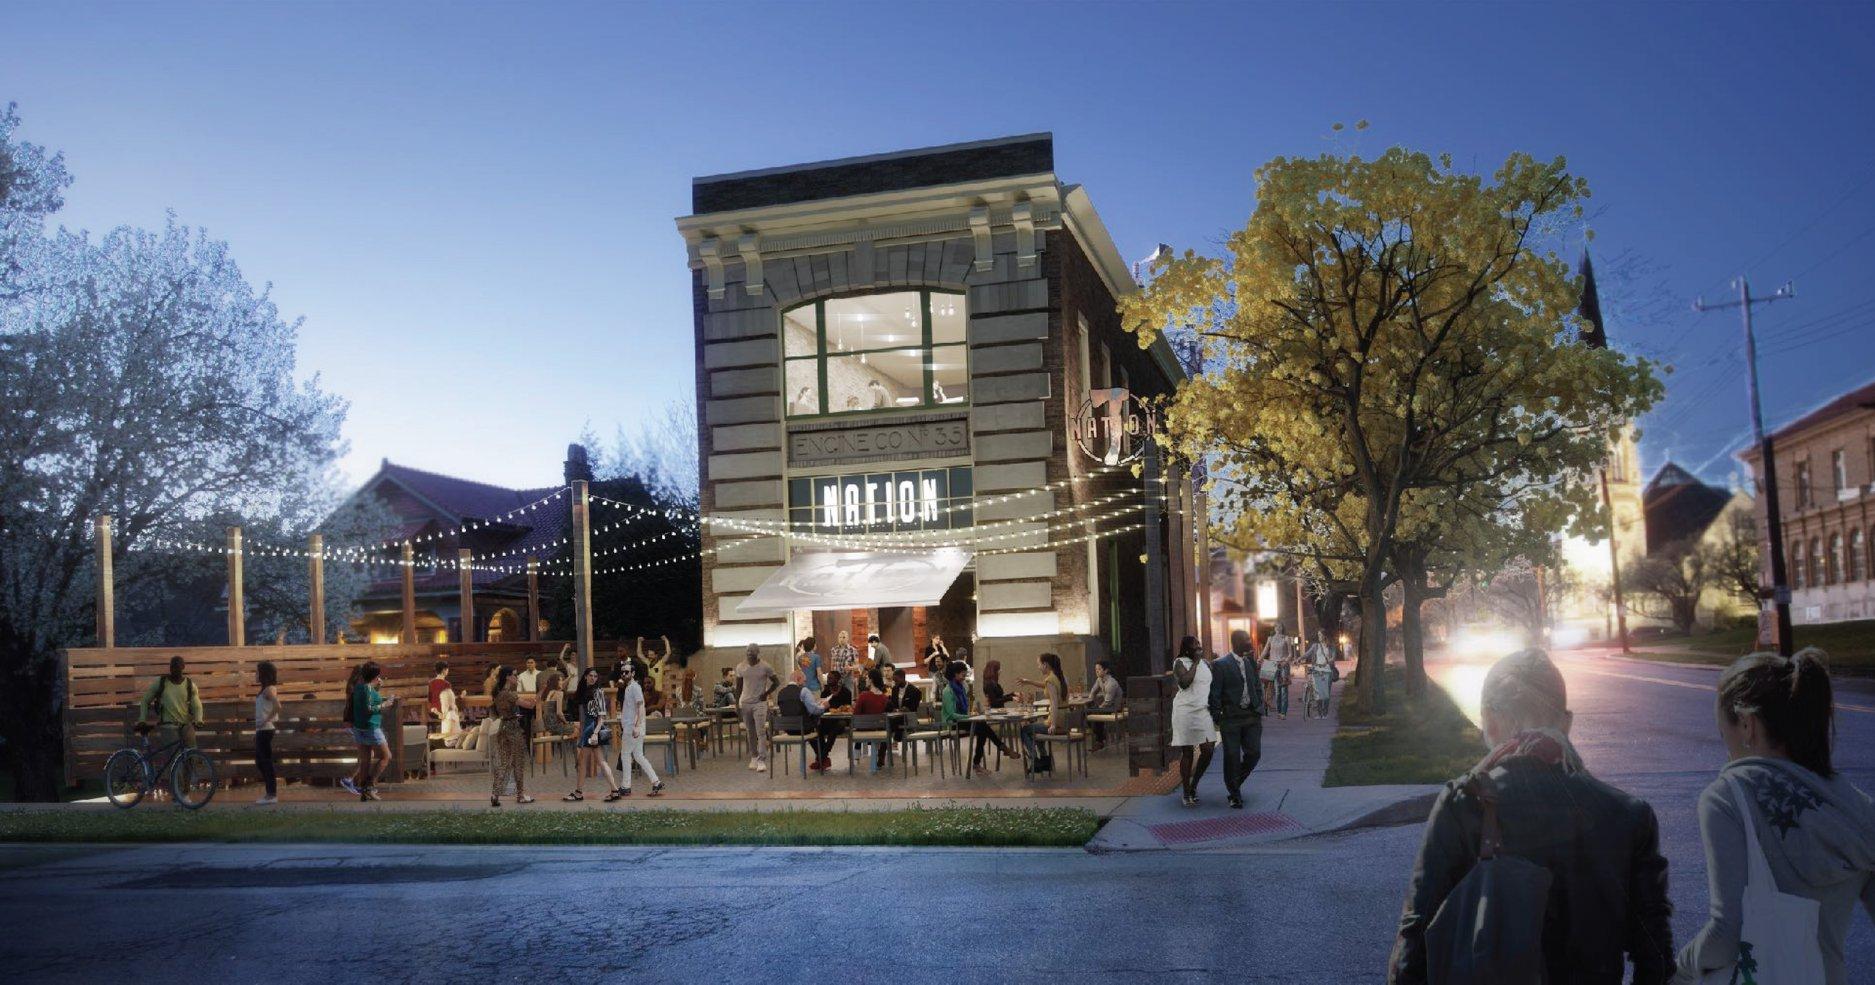 nation westwood rendering.jpg